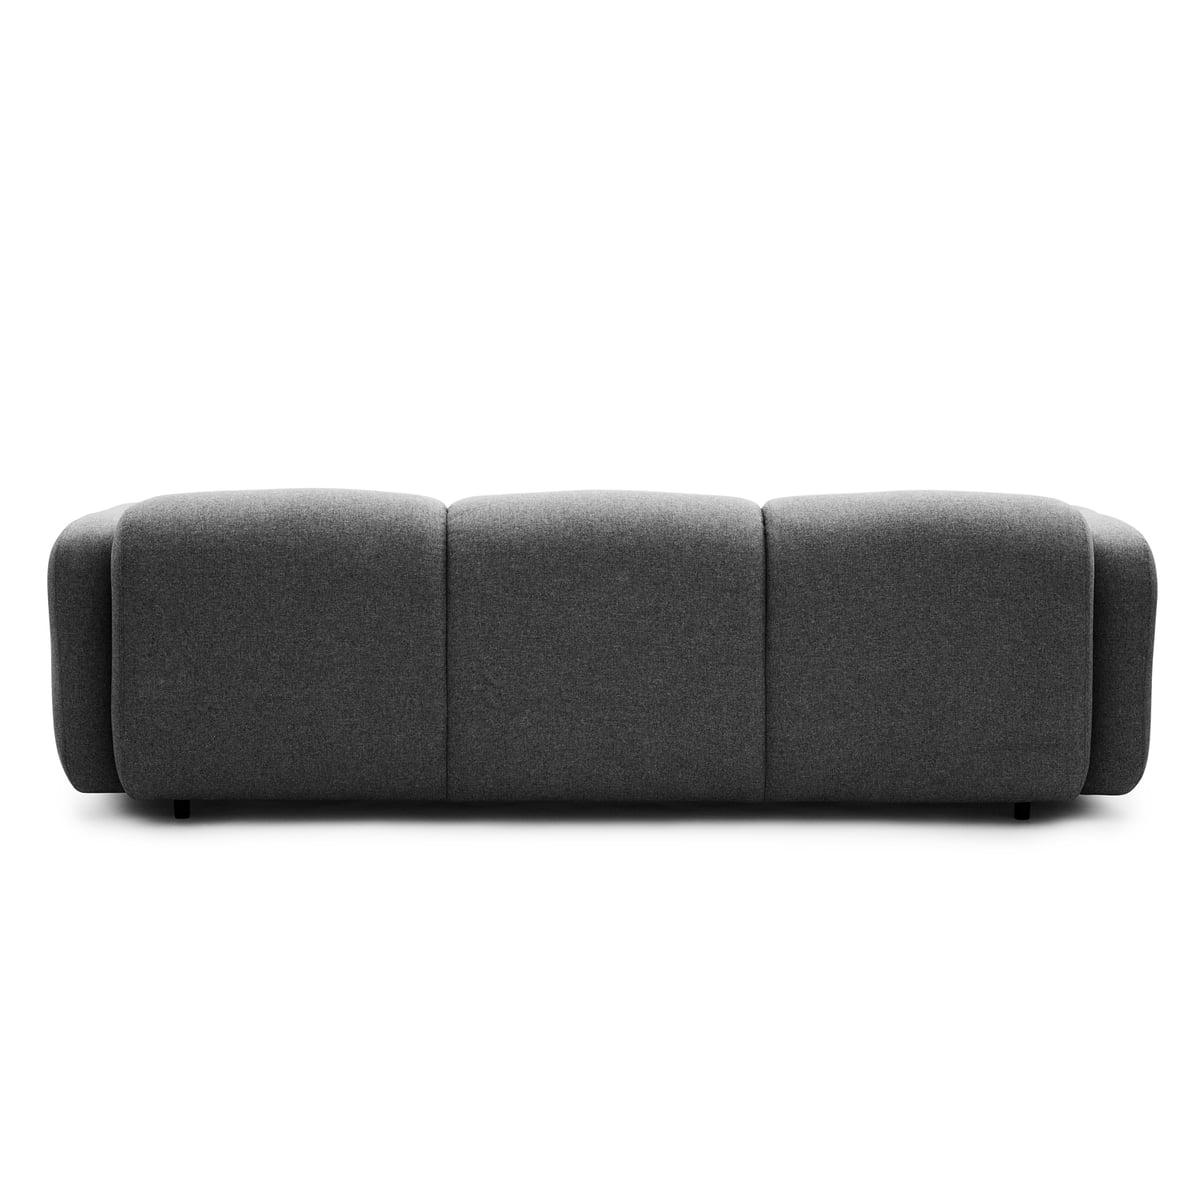 swell sofa von normann copenhagen - Faszinierend Outdoor Kuche Holz Entwurfe